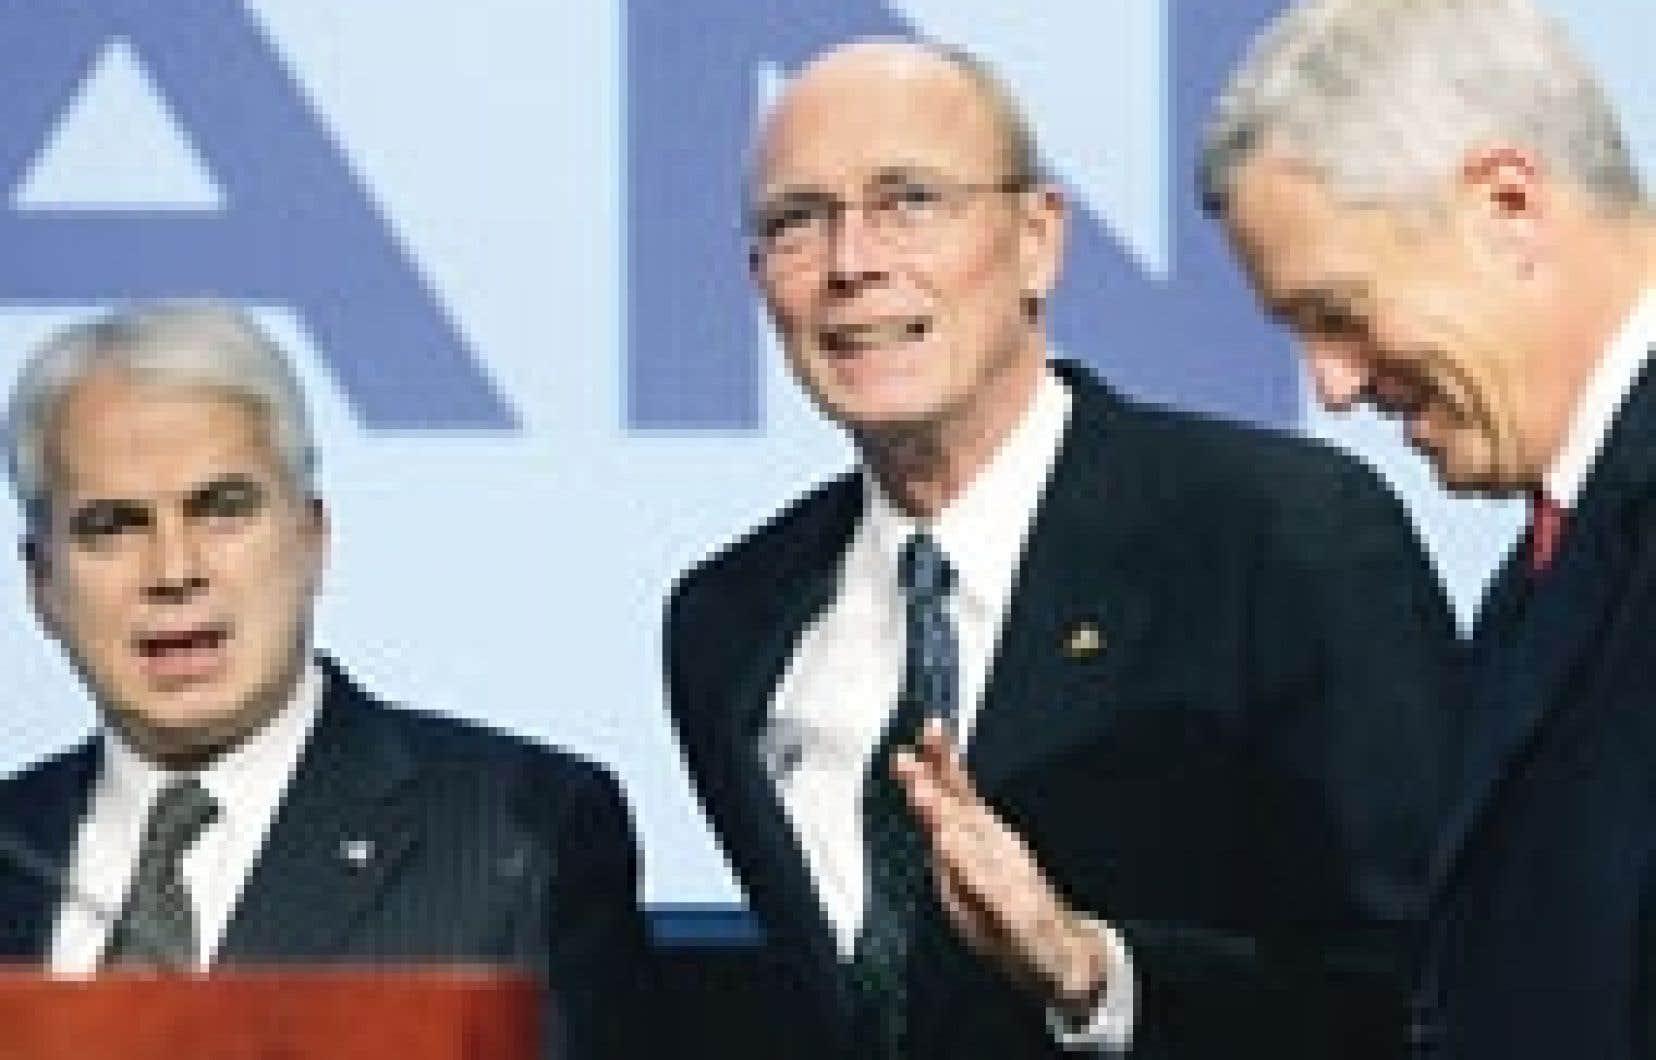 Le président d'Alcan, Travis Engen, entouré du secrétaire de l'assemblée, Roy Millington, et du président désigné de Novelis, Brian Sturgell.